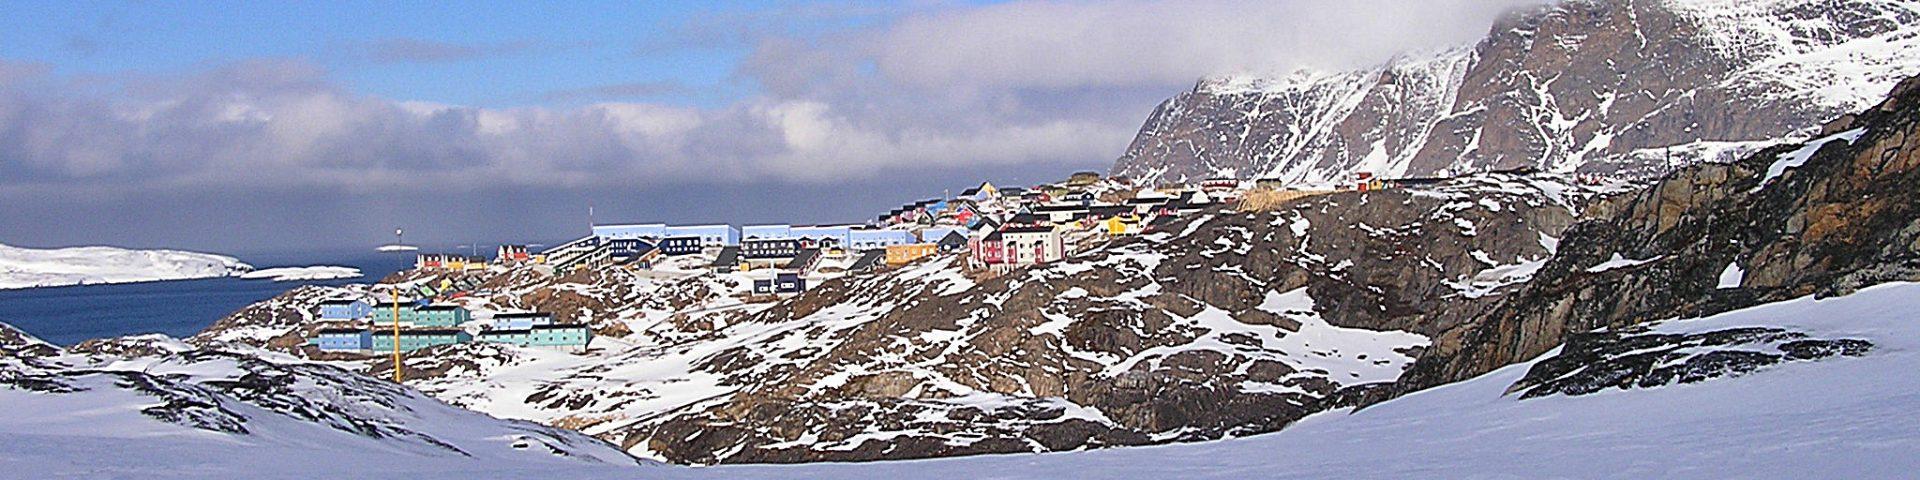 Grönland landschaft sisimiut